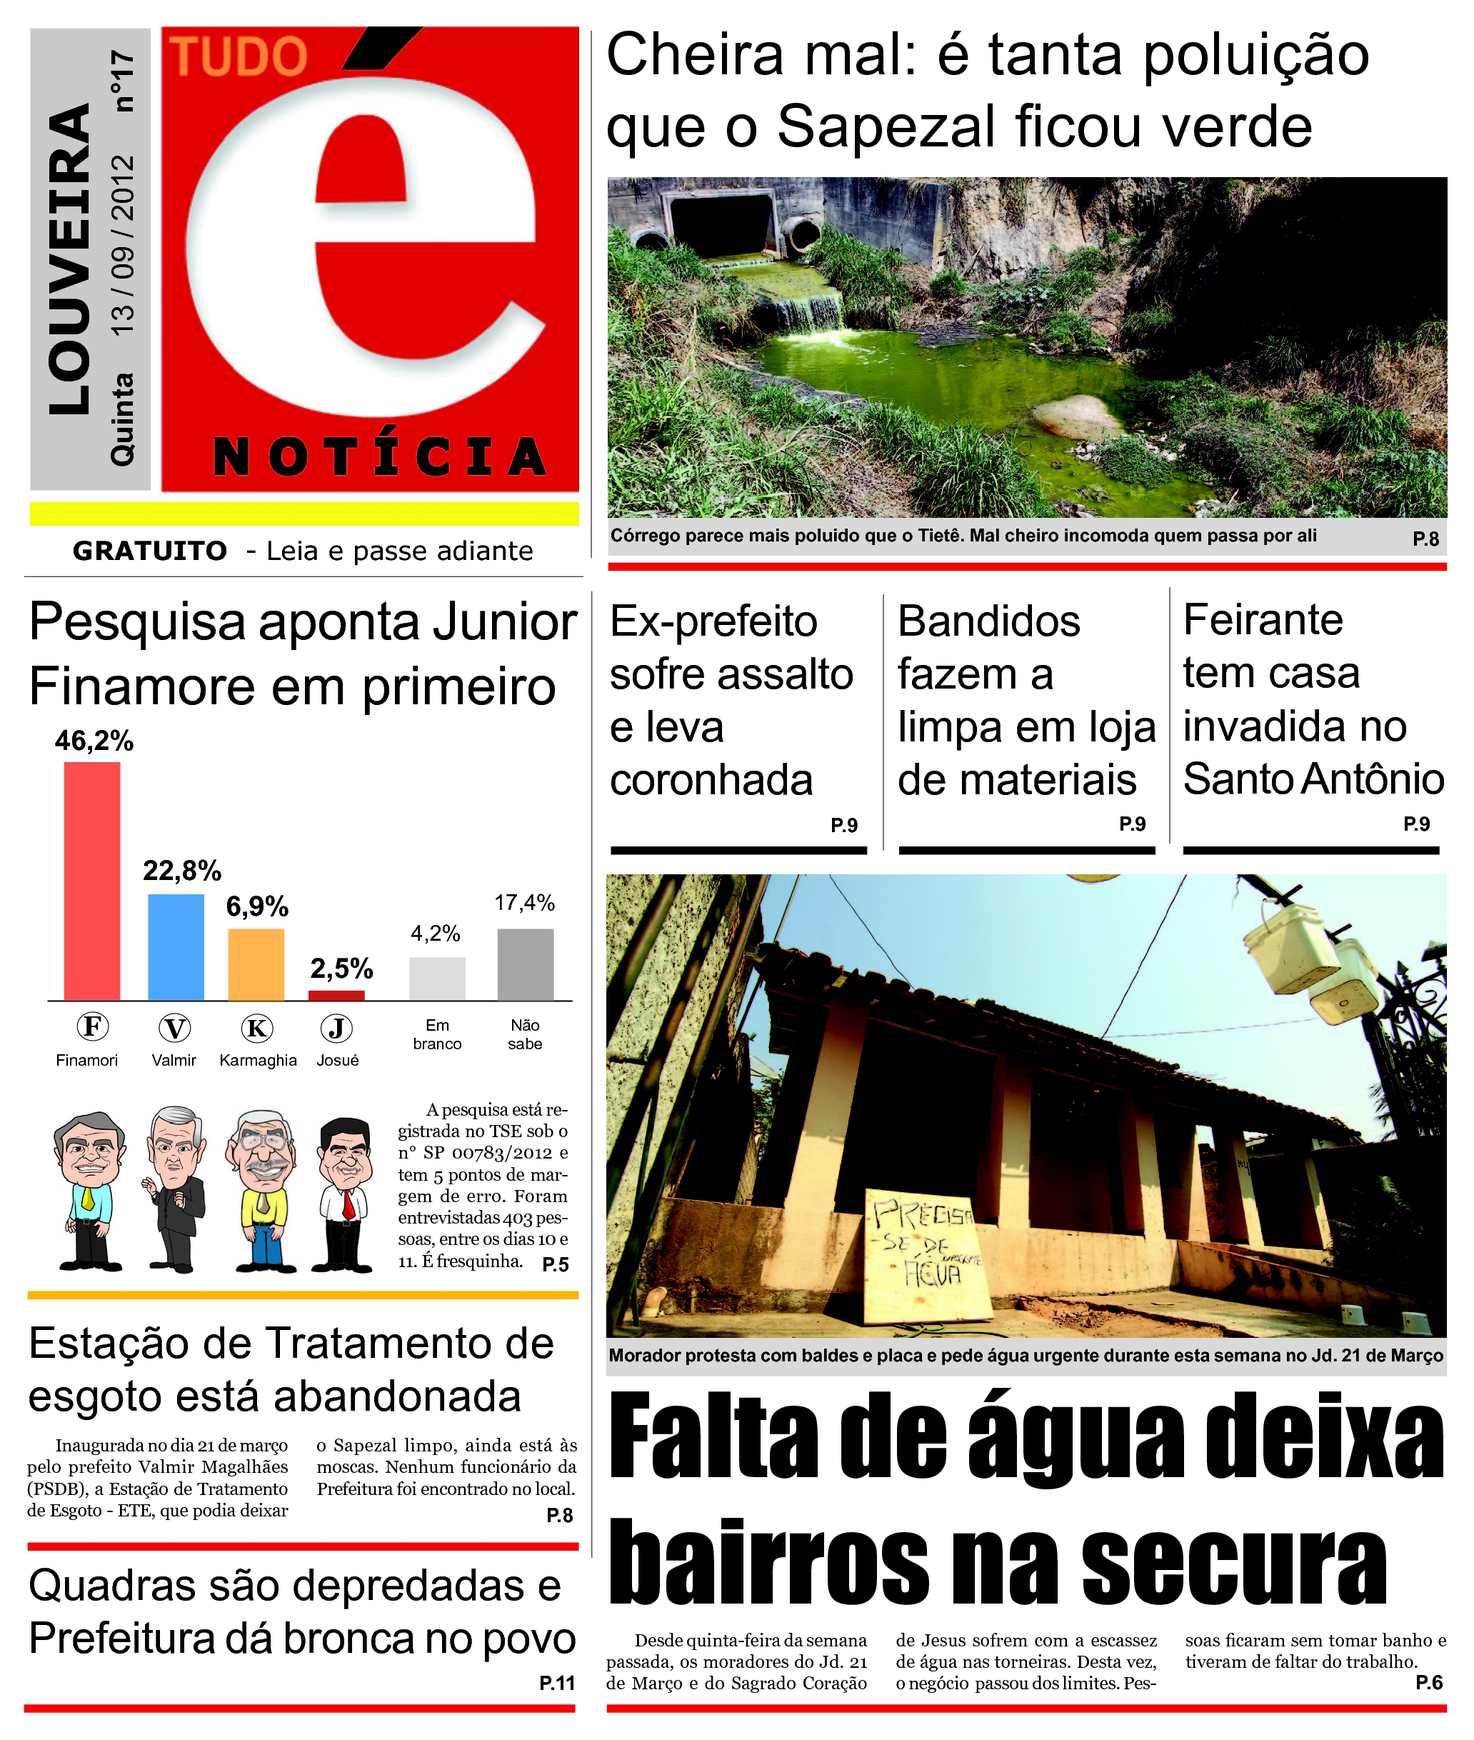 04913b030cb89 Calaméo - Tudo É Notícia - 13-09-2012